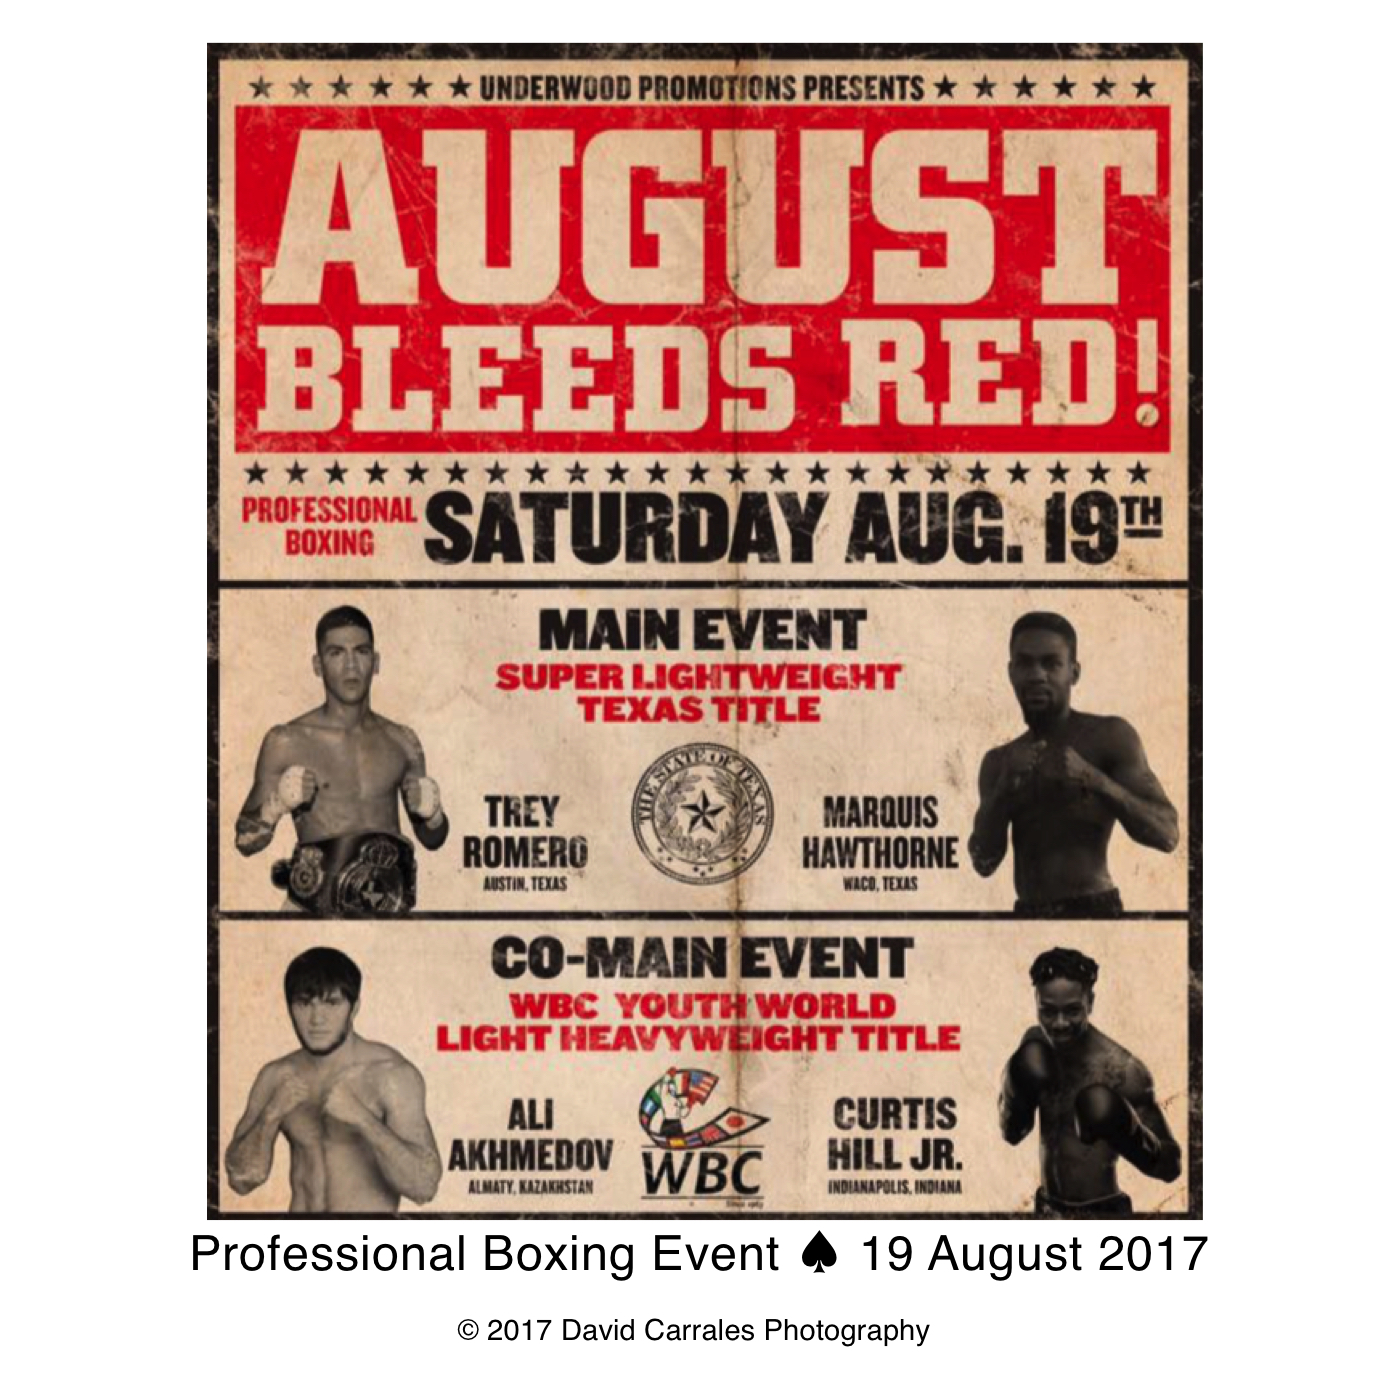 4 x 4 August Bleeds Red.jpg